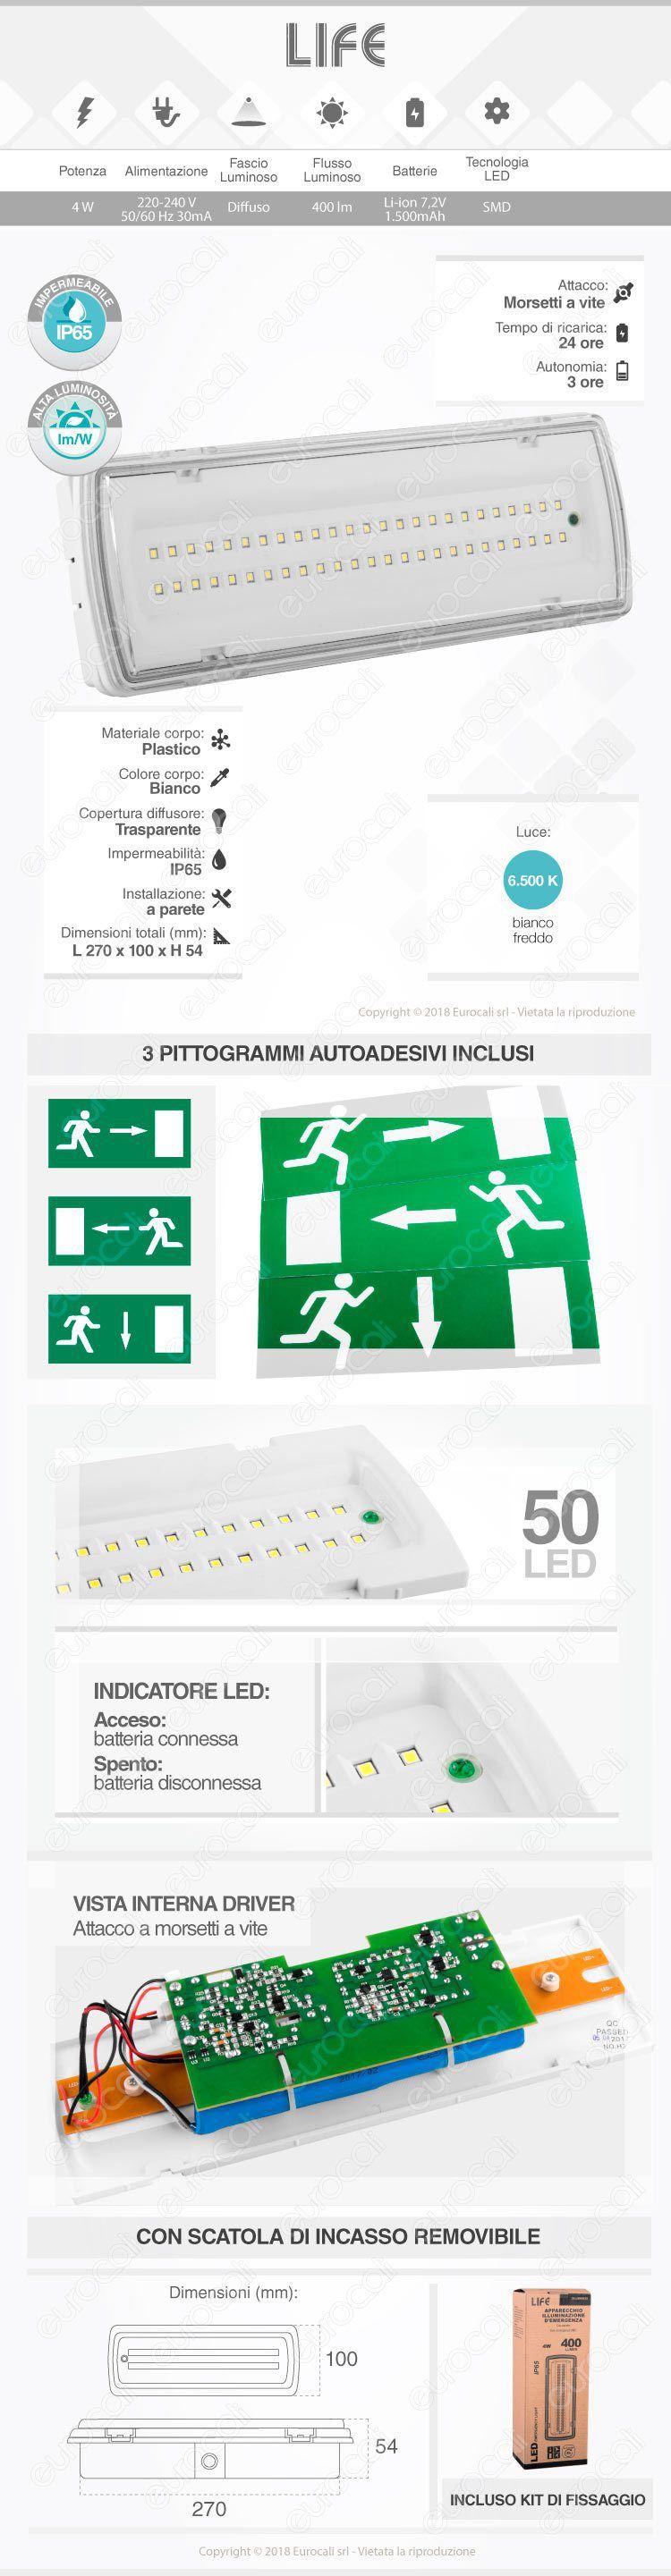 velamp lampada d'emergenza